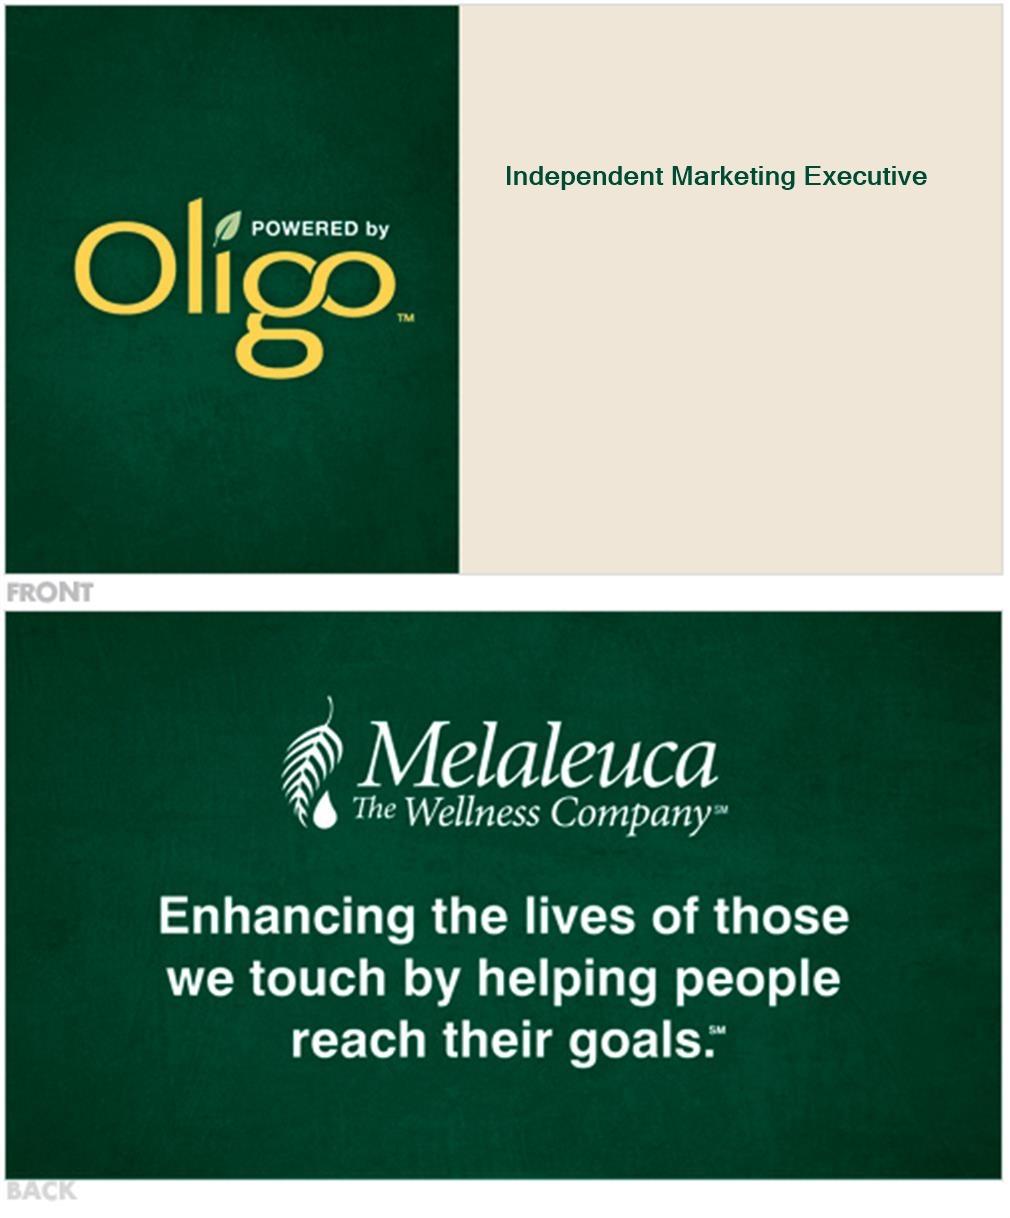 Melaleuca Business Cards - Oligo - Melaleuca